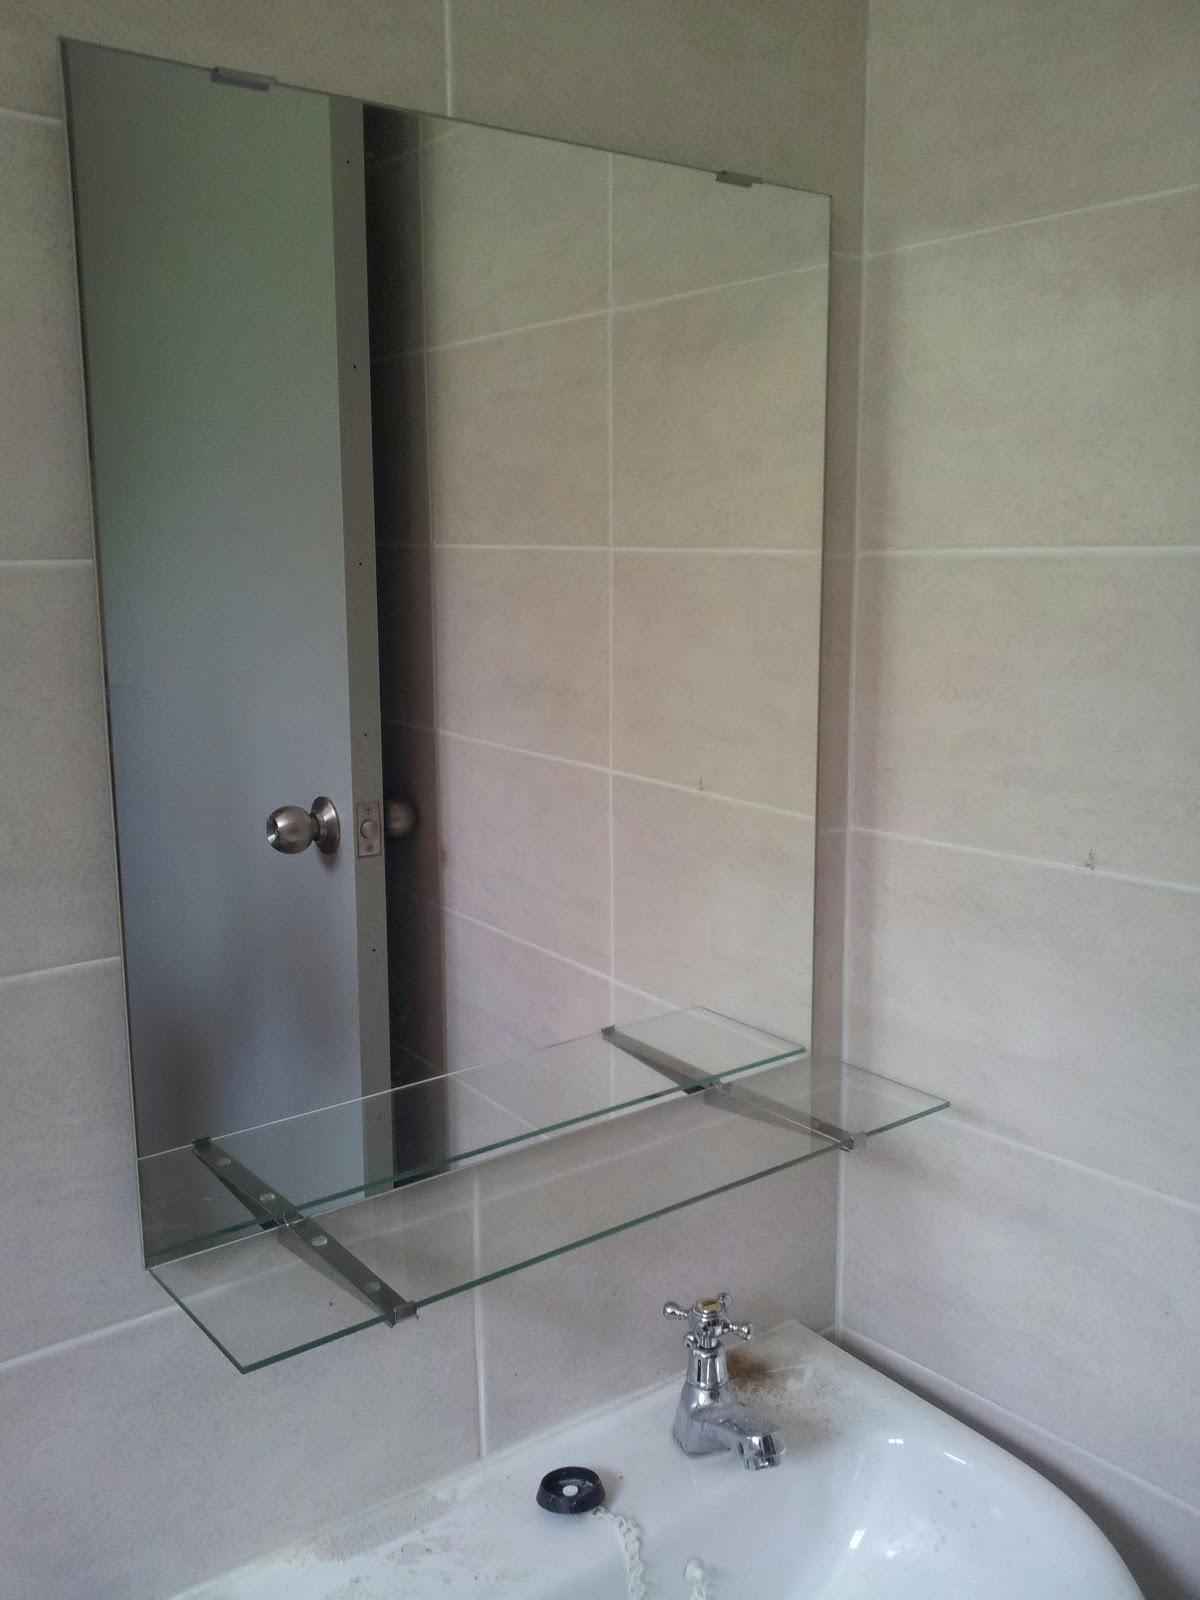 China Cermin Mandi Pengilang Dan Pembekal Kilang Mirror Bilik Baru Belajar Aksesori Toilet Untuk Rumah Kami